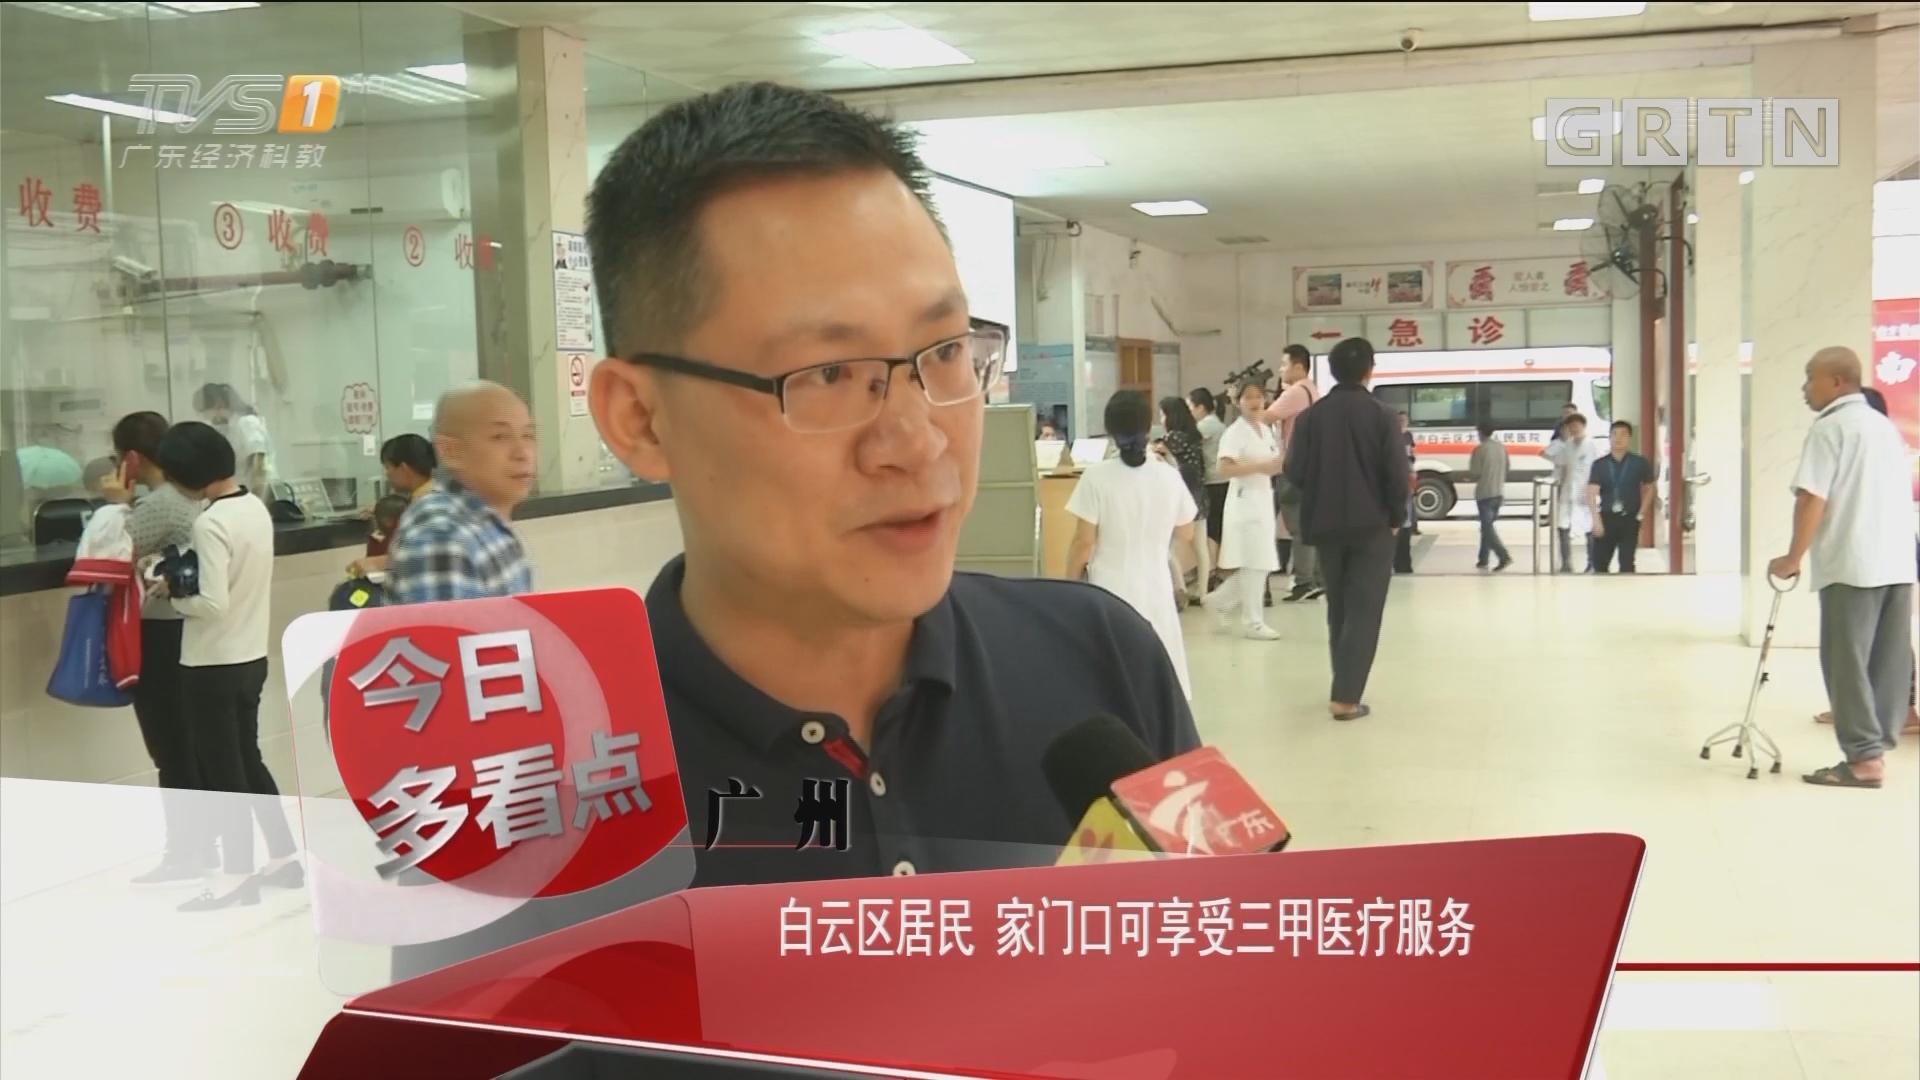 广州:白云区居民 家门口可享受三甲医疗服务